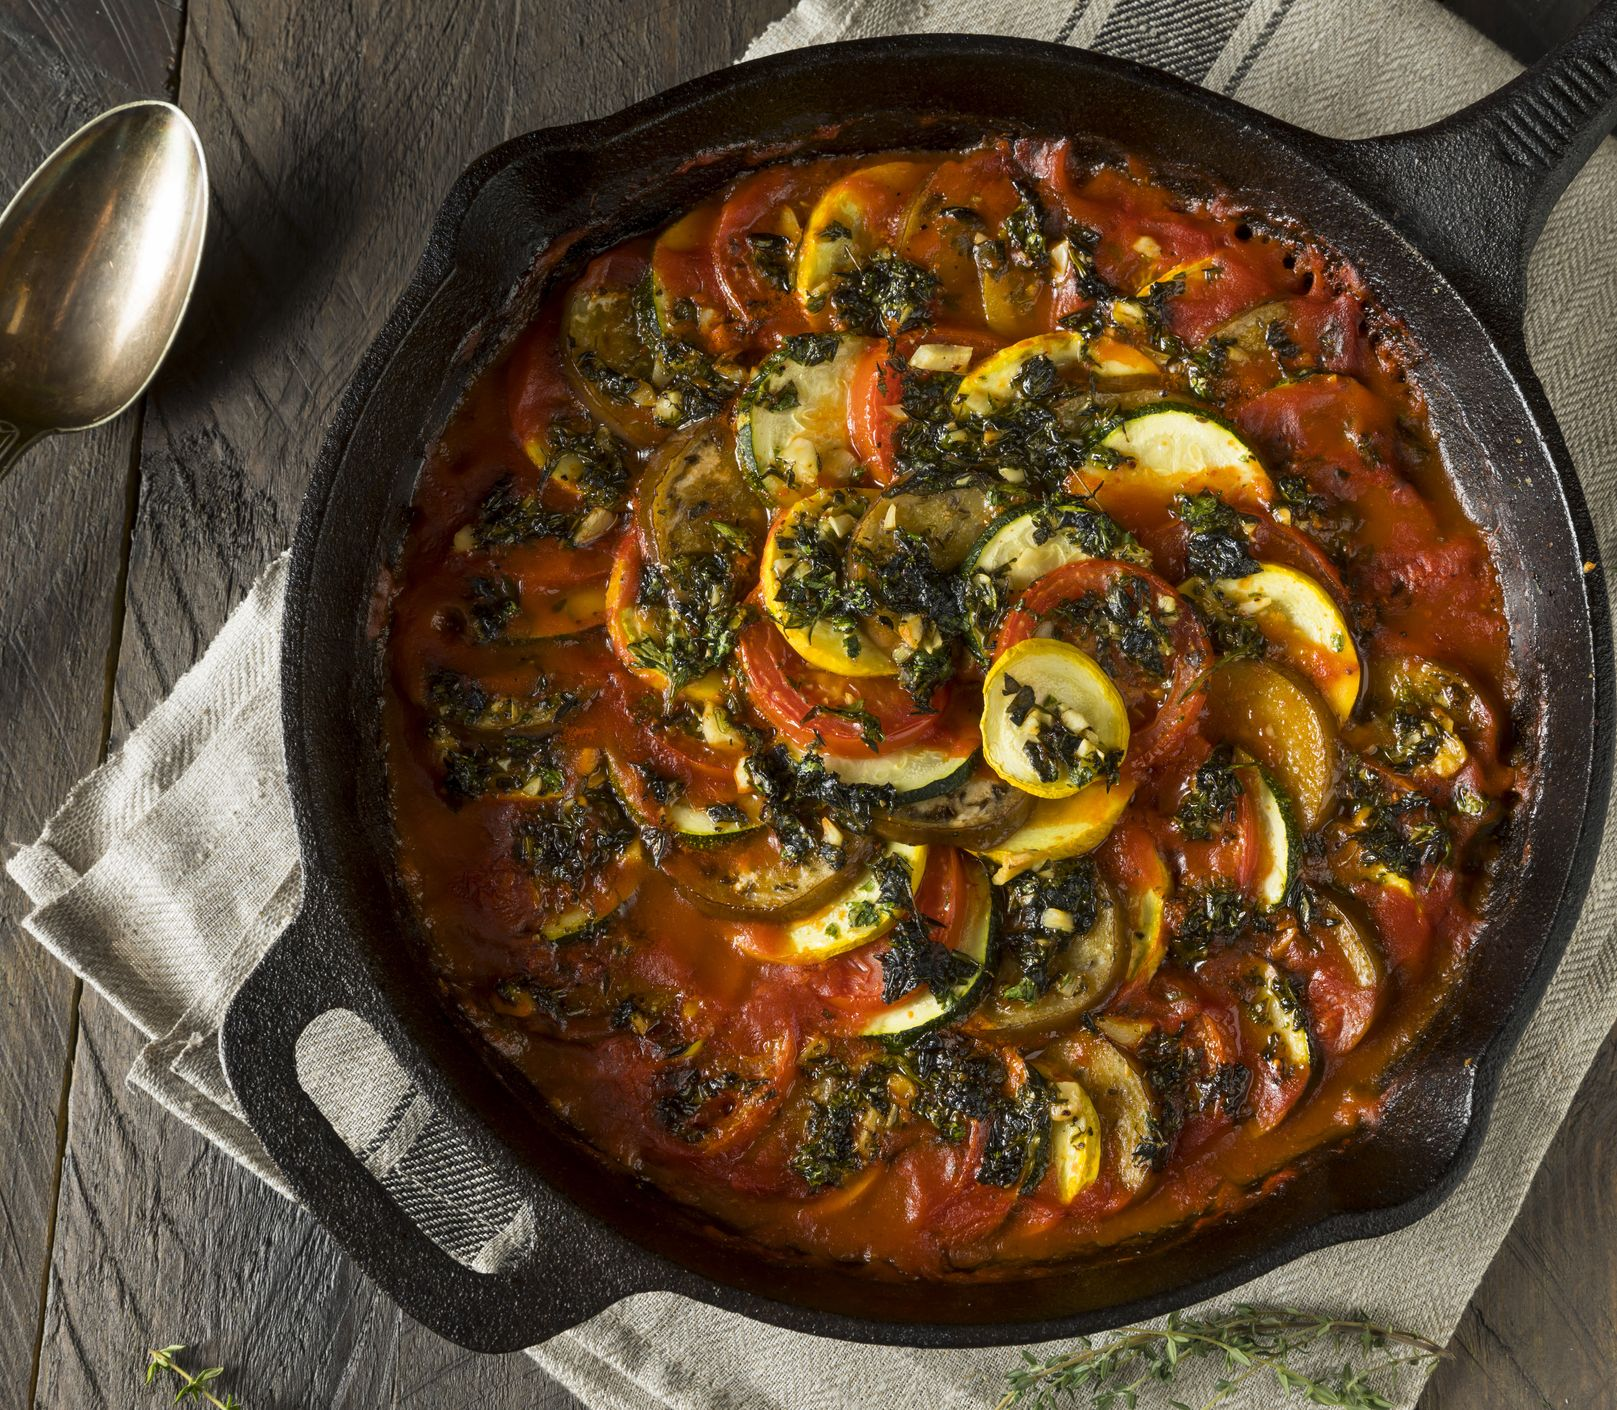 Francúzska klasika dvakrát inak: Vyskúšajte zeleninový ratatouille